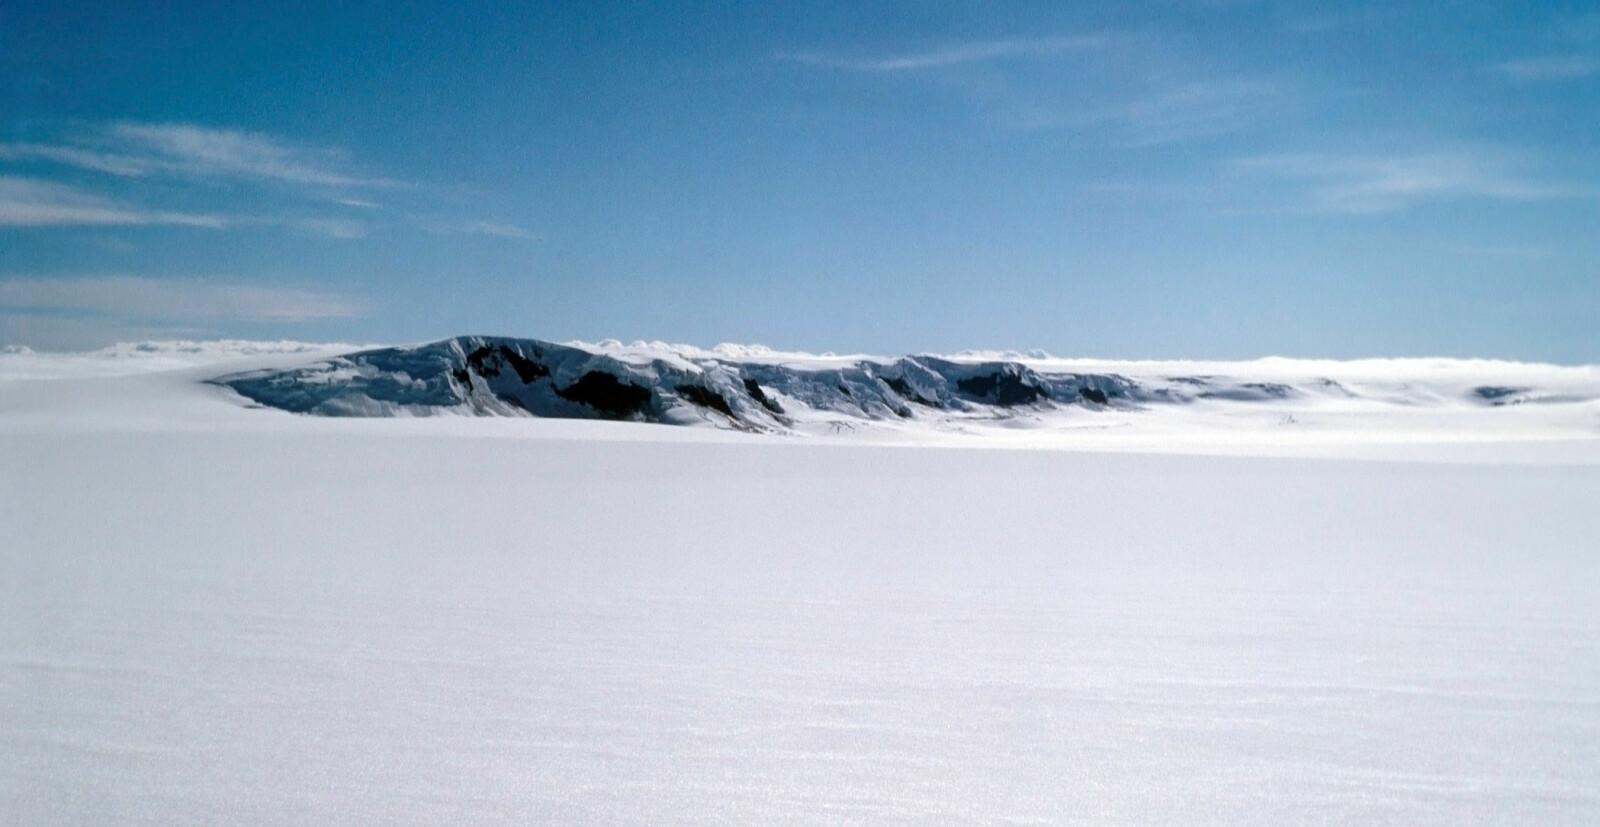 <b><SPAN CLASS=BOLD><STRONG>ROLIGERE TIDER:</b></strong></span> Grimsvötn i Vatna Jökul-breen på Island. Bildet er tatt 29. juli 1972. Under overflaten sover Grimsvötn.